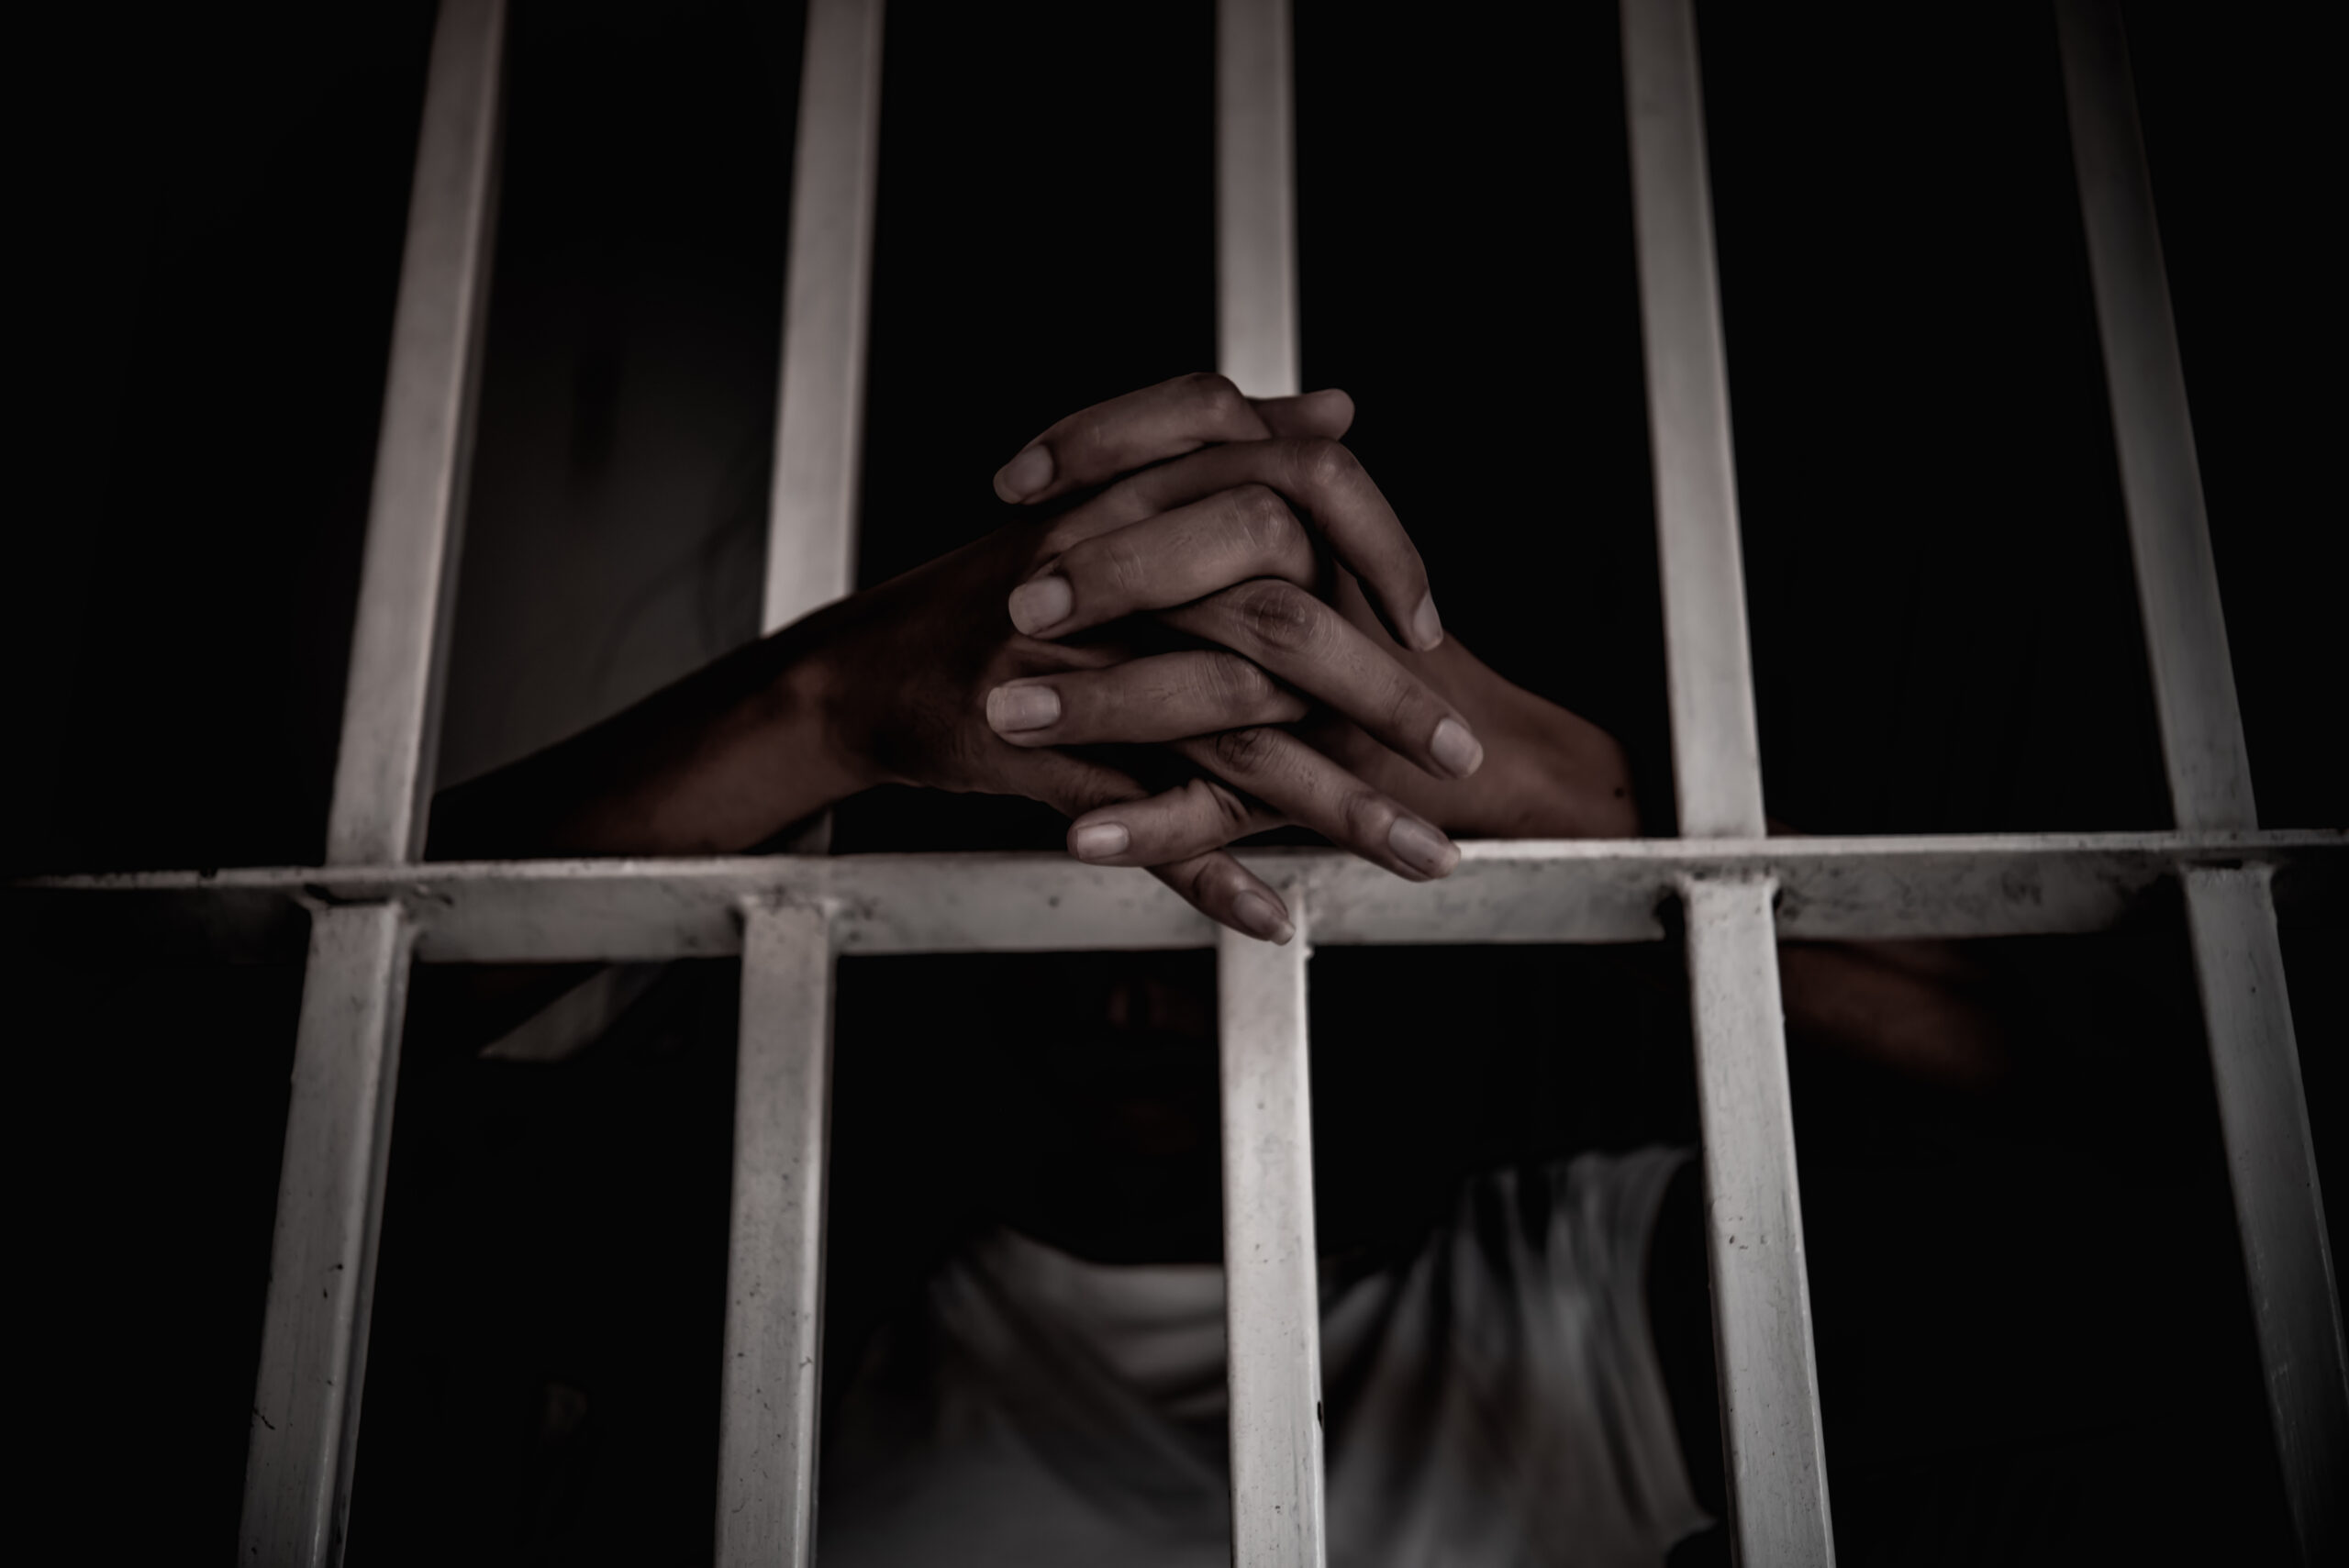 Humane Prison Designs: Possibility or Pipe Dream?